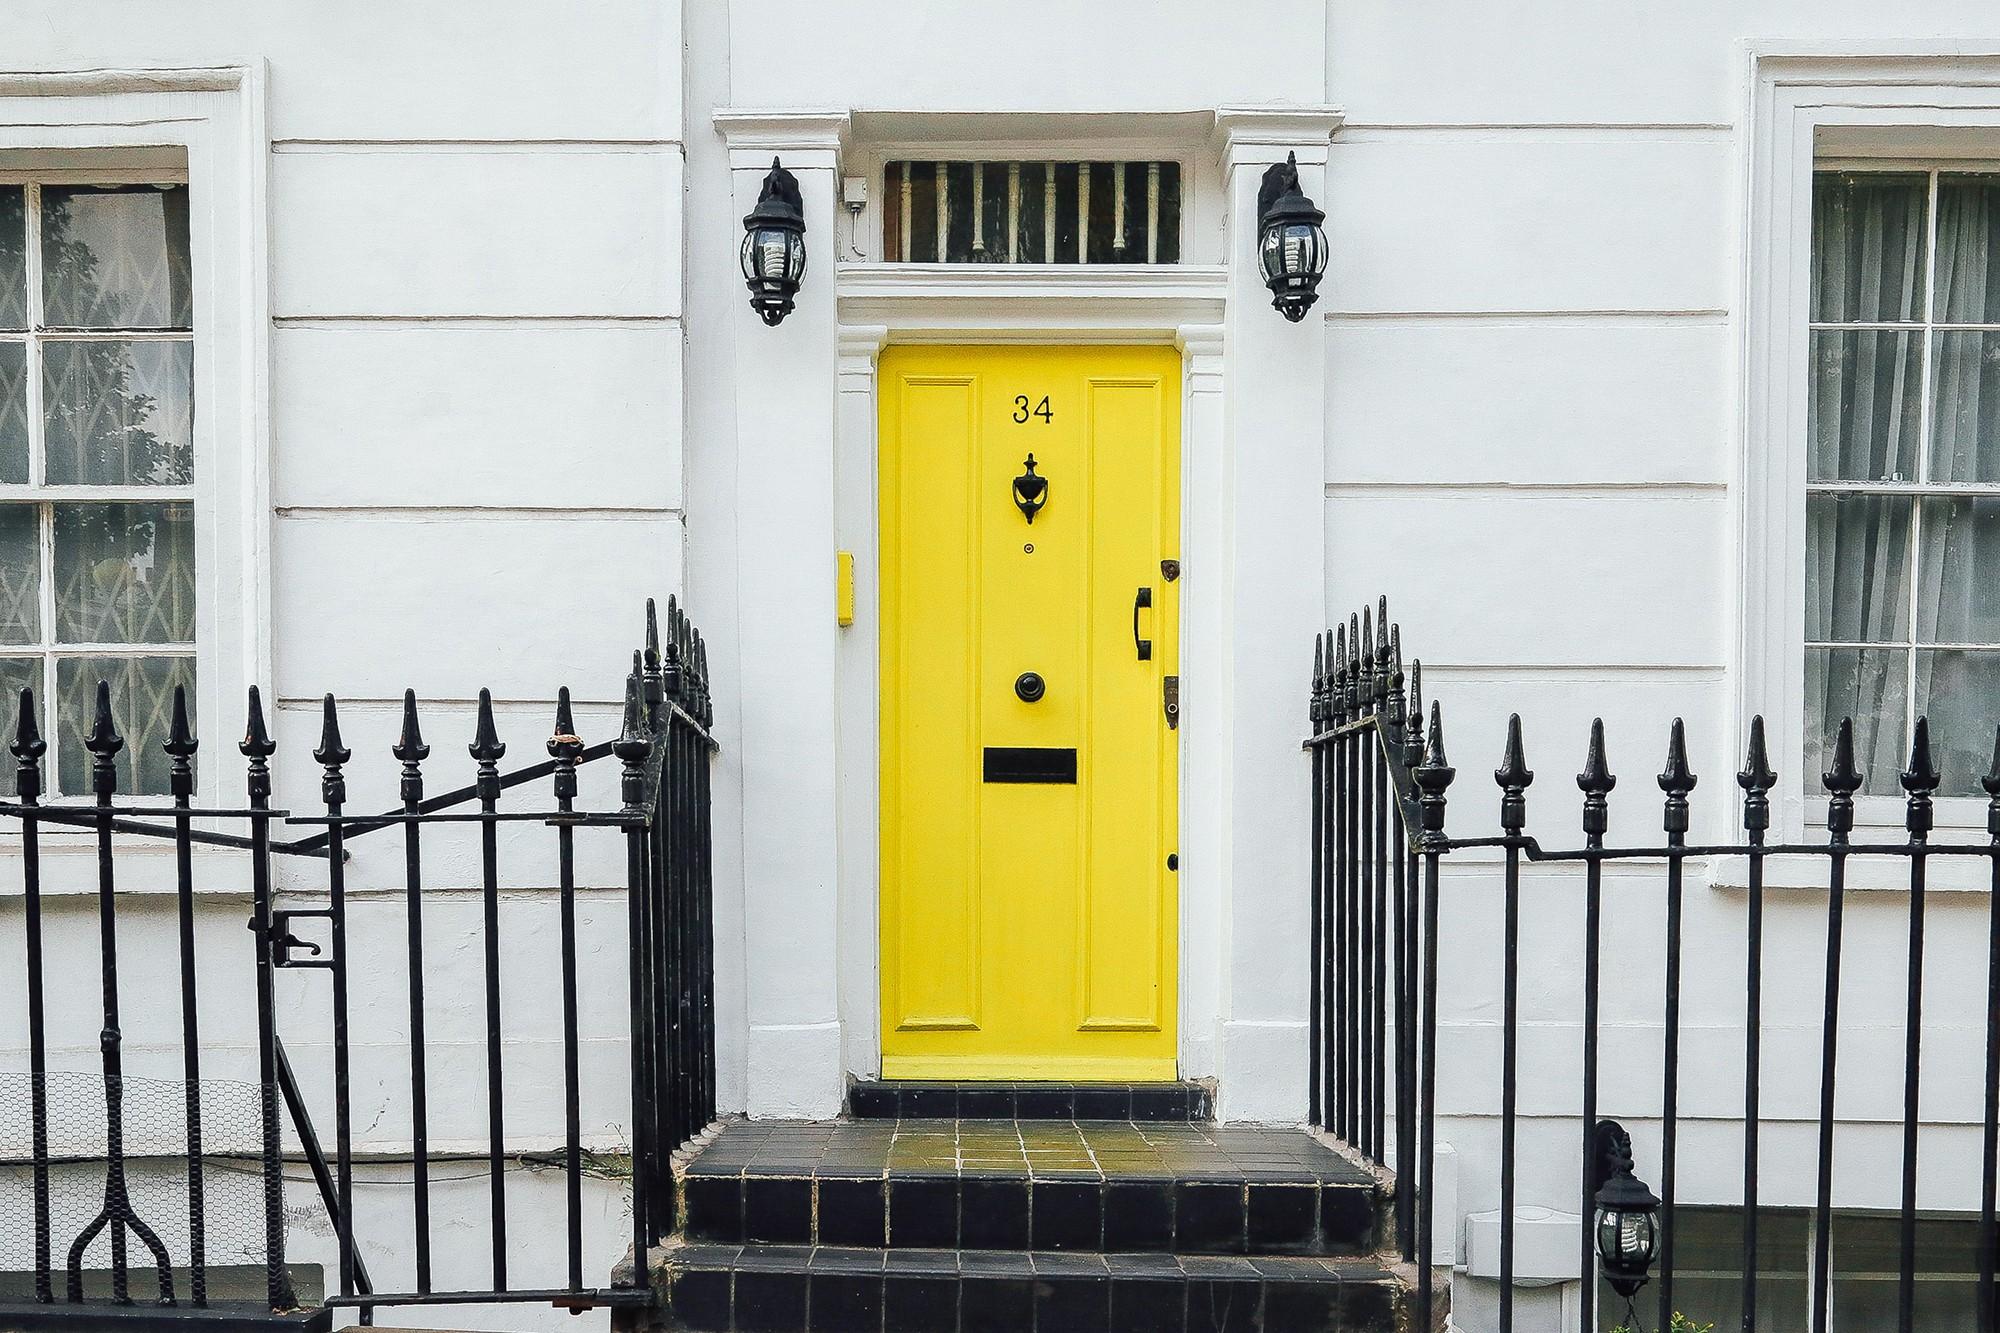 Macam-Macam Jenis Pintu Rumah 3 Dimensi